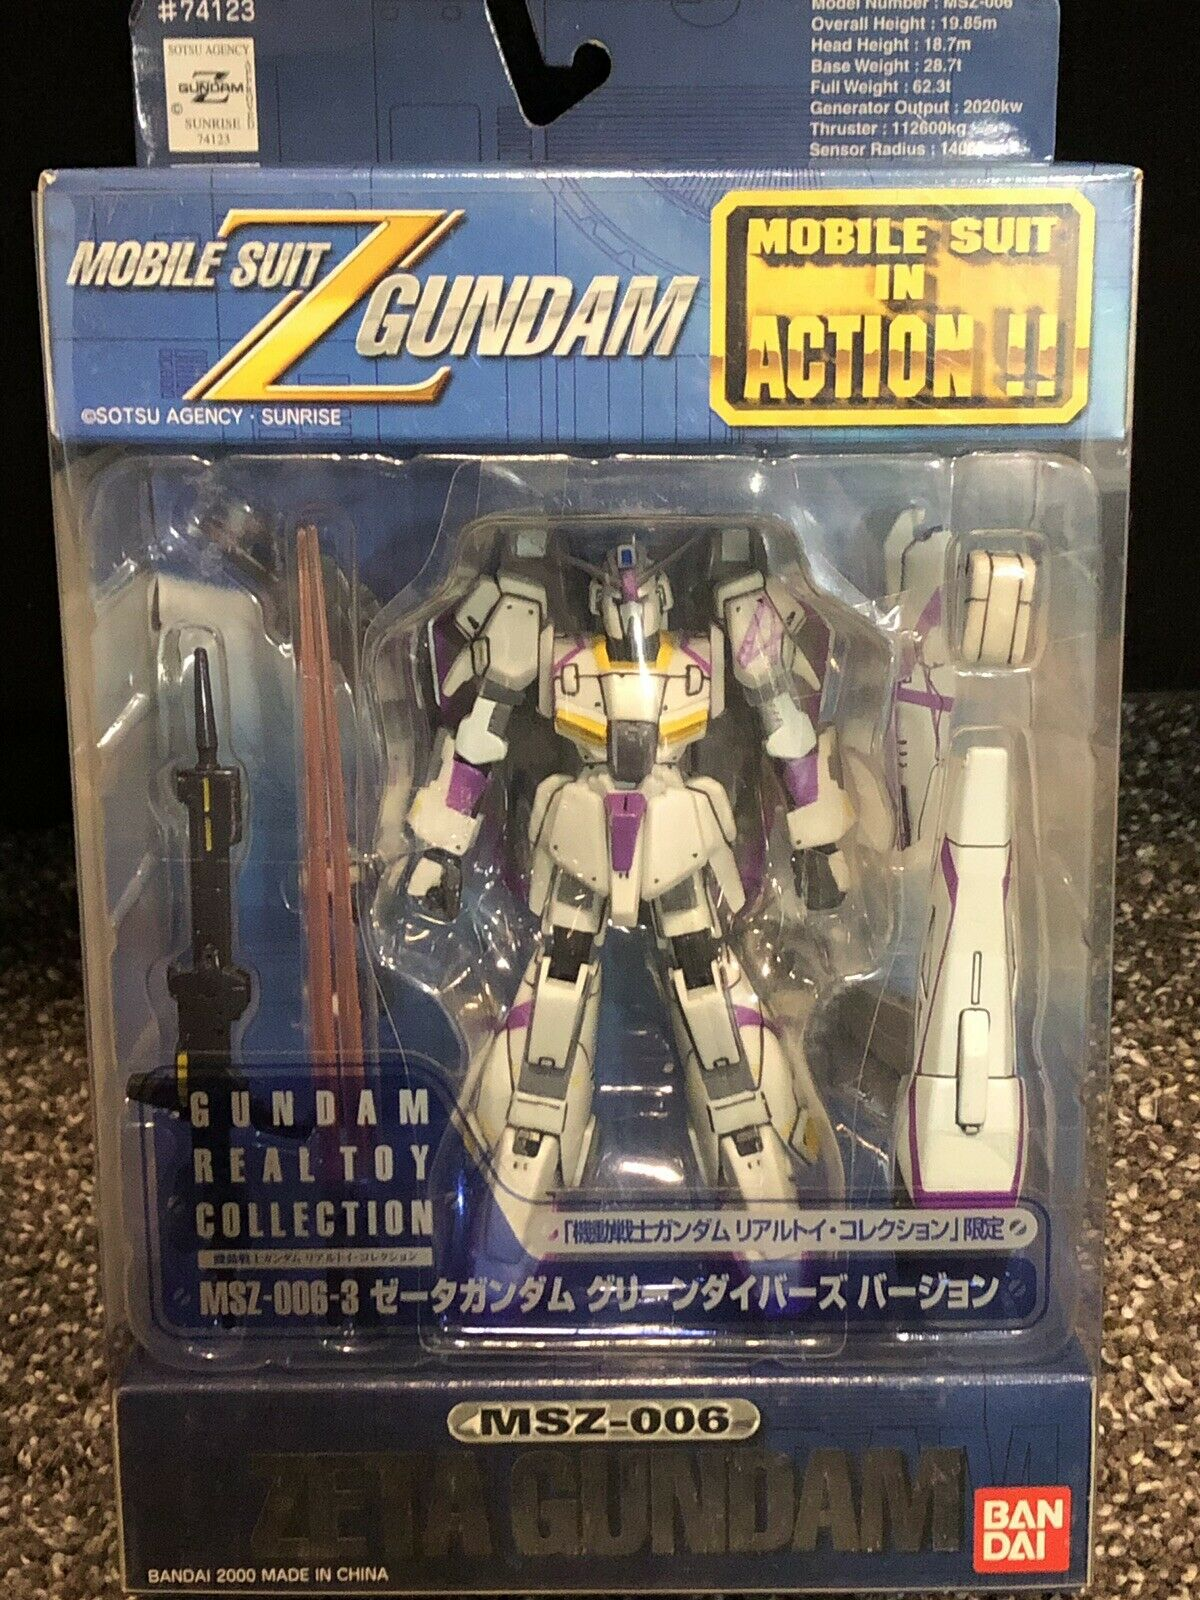 Bandai Z Zeta Negro buzos Z Gundam Limited Edition Hong largo Msia Figura De Acción